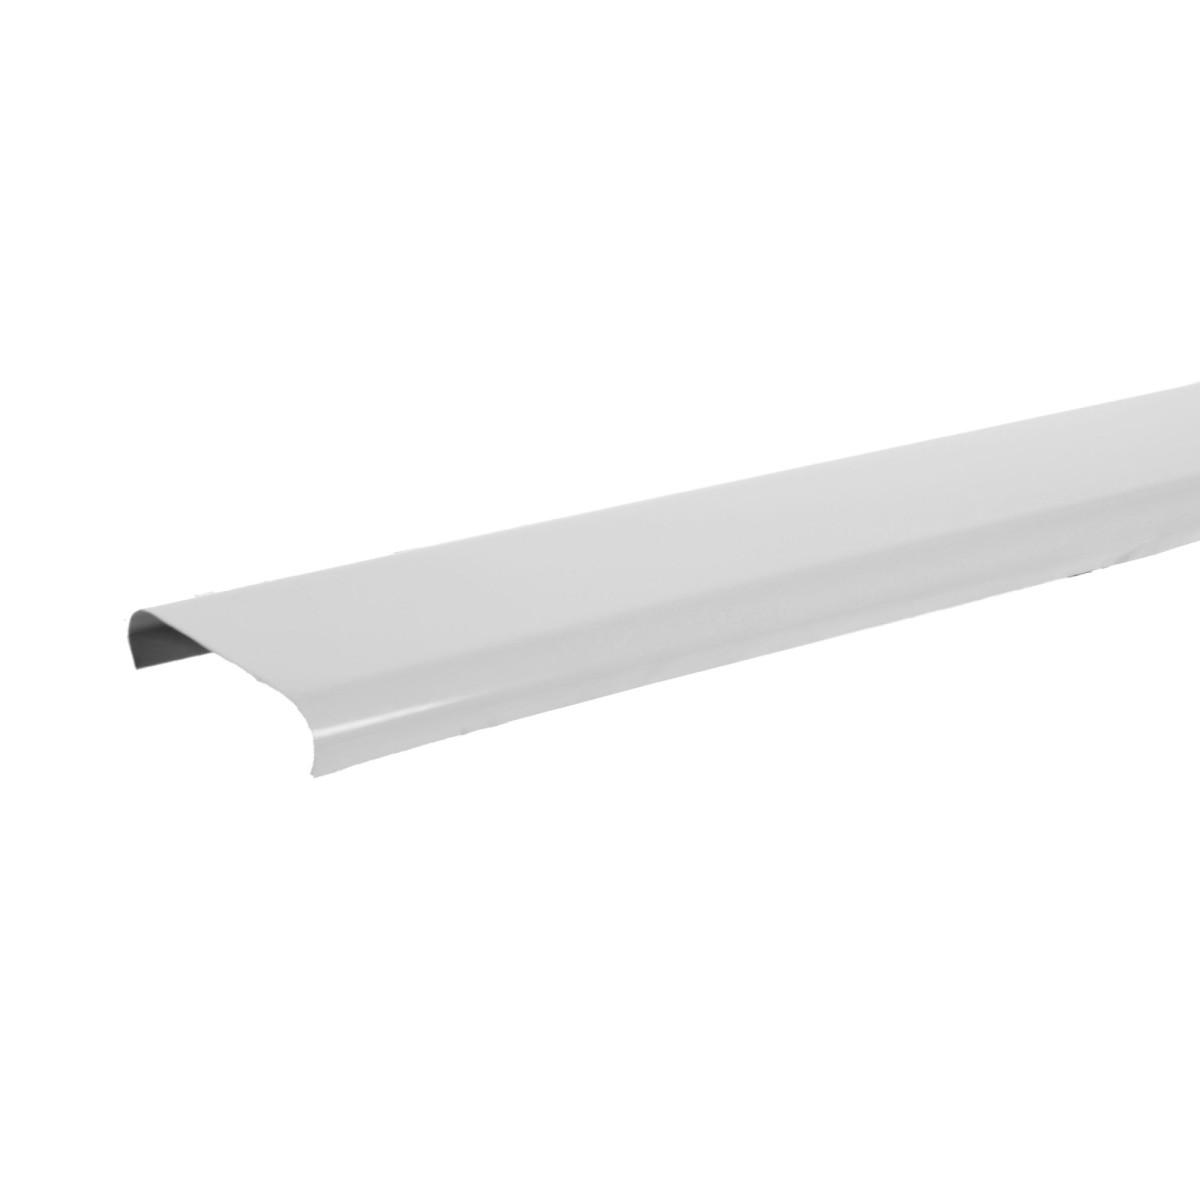 Набор реек 2.5х1 м цвет белый глянцевый без раскладки